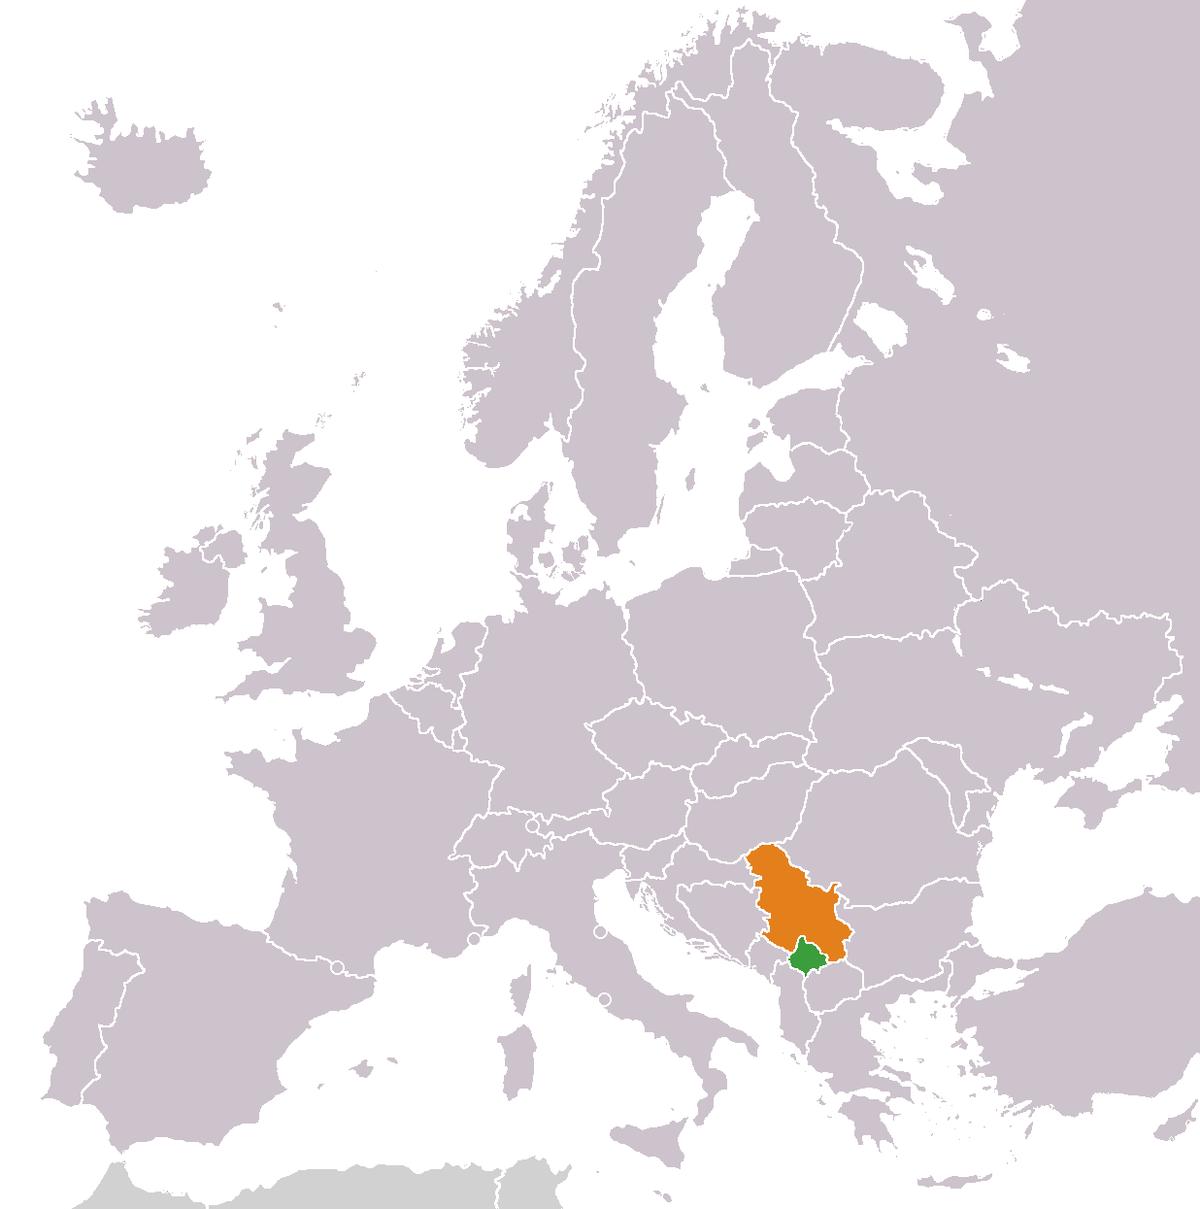 KosovoSerbia relations Wikipedia